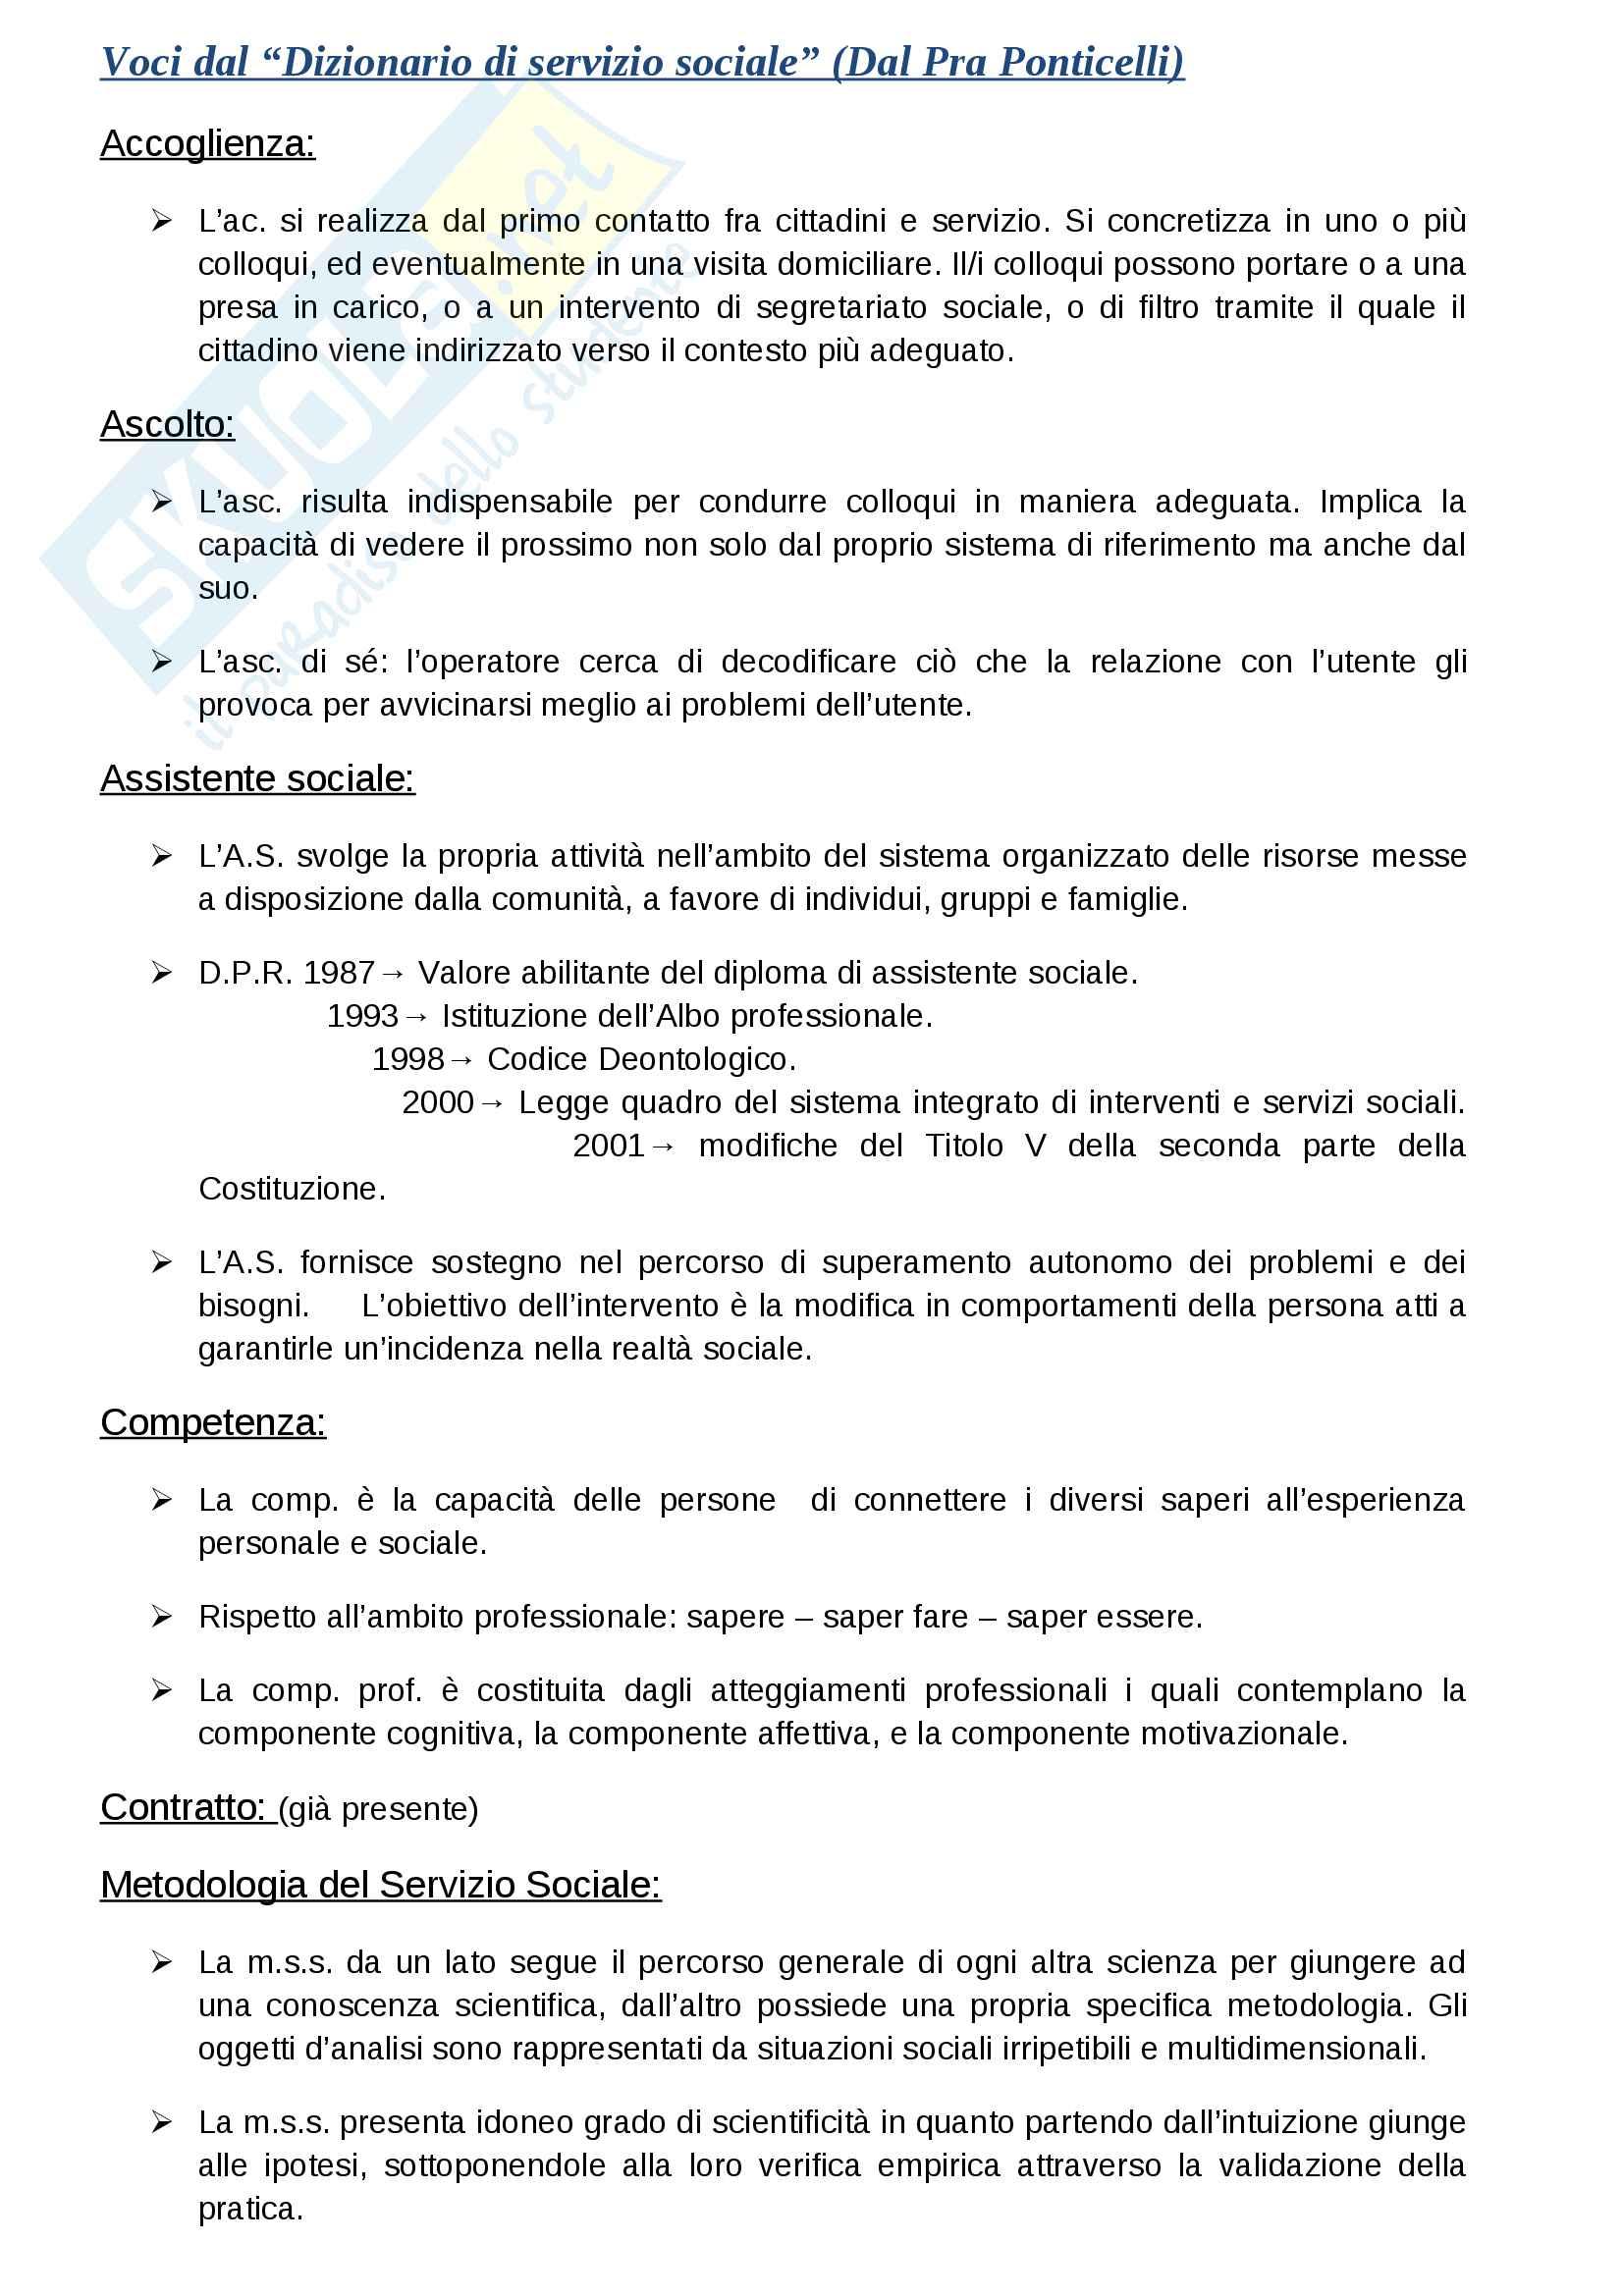 appunto G. Cellini Metodi e tecniche del servizio sociale